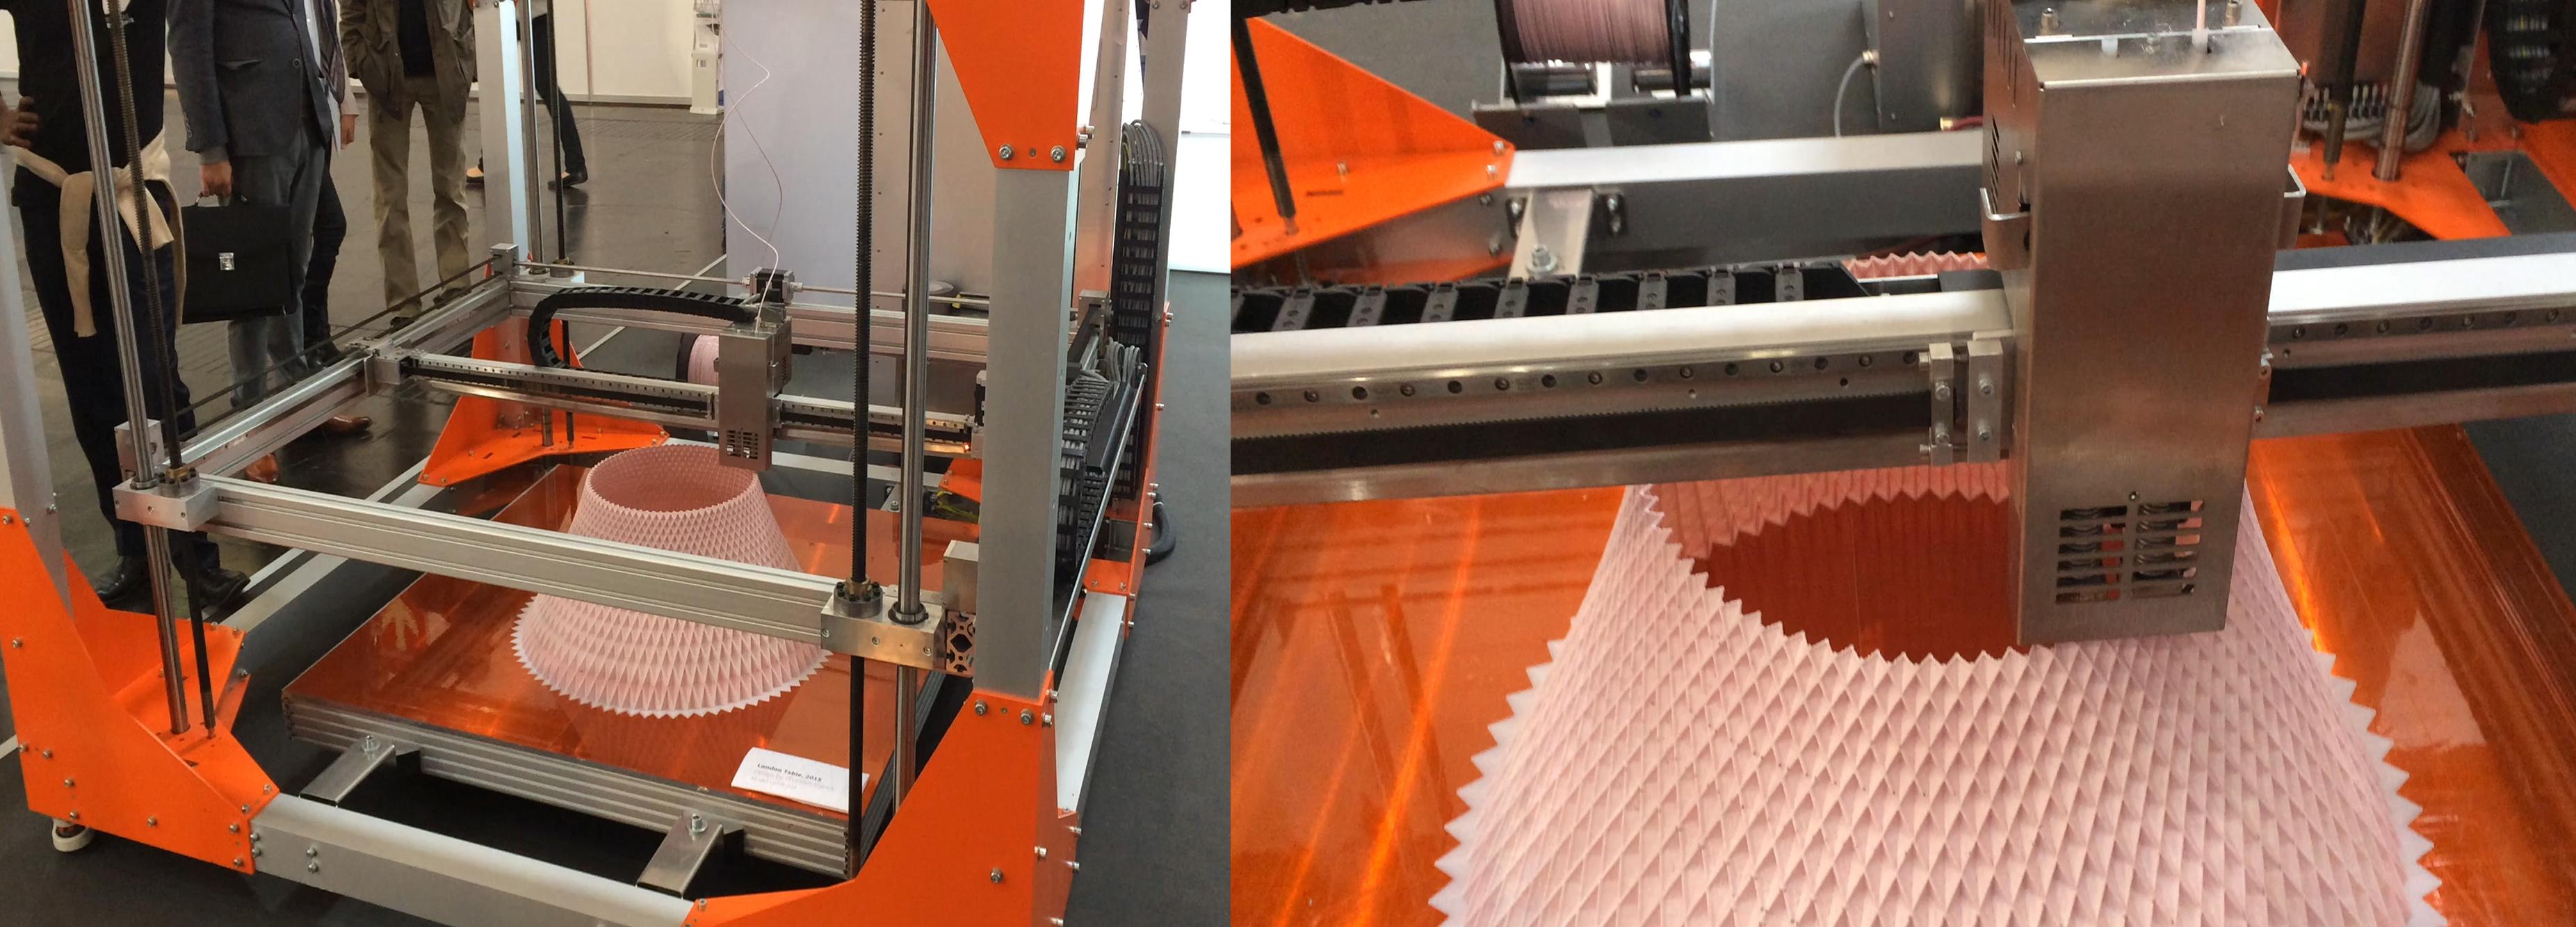 Igus azienda italiana specializzata in componenti per l'automazione, propone una linea di componenti meccanici e  motori a passo per produrre o costruire in proprio stampanti 3D, frese CNC, ecc.